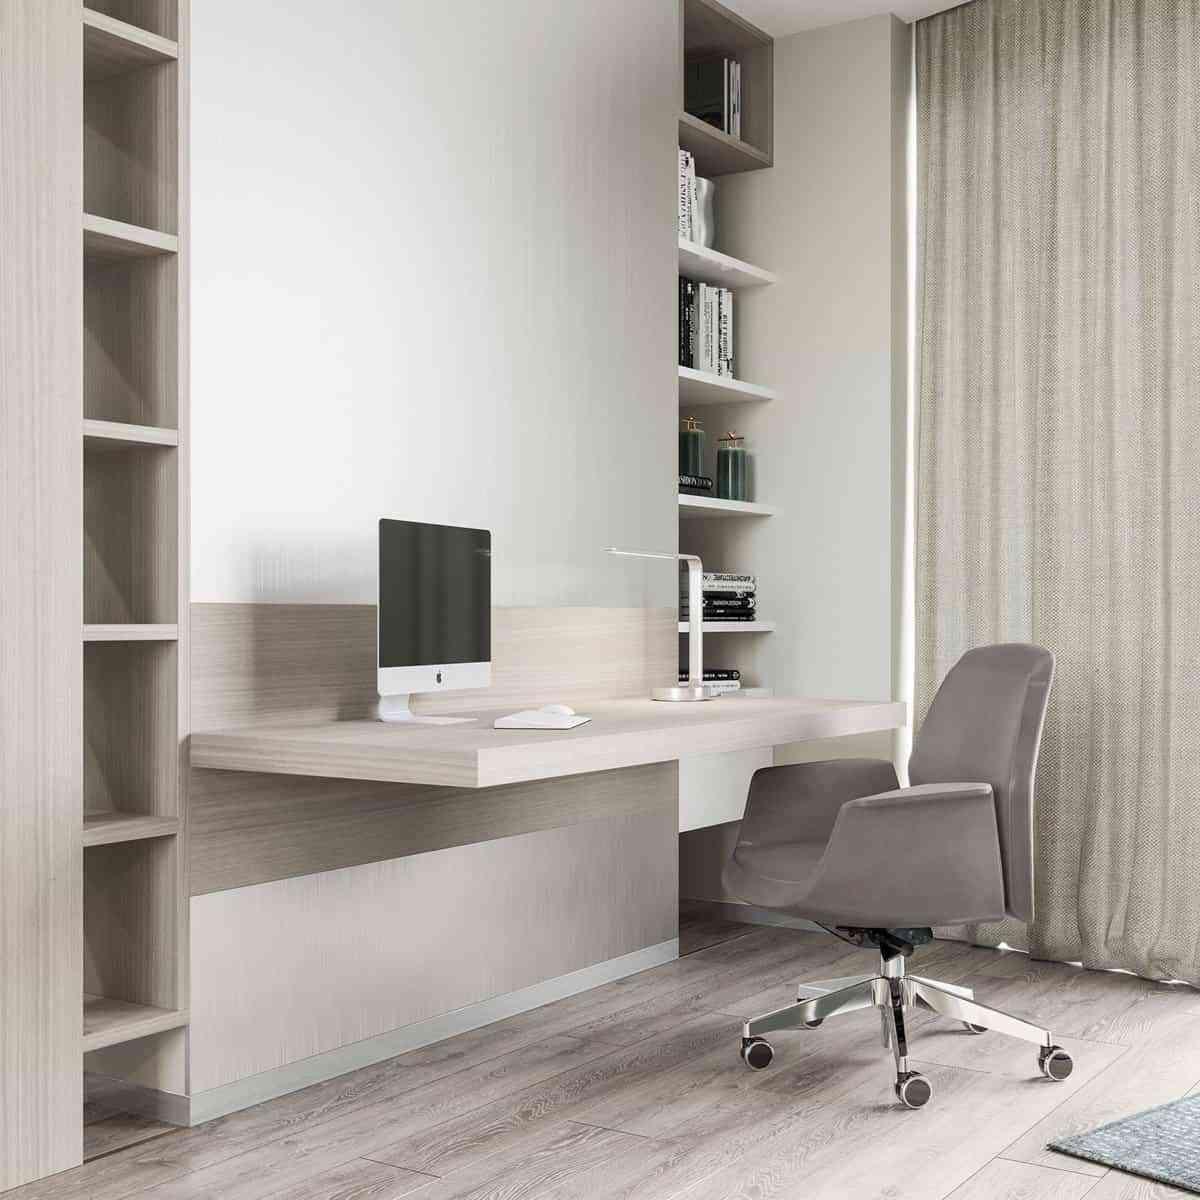 20 mẫu thiết kế văn phòng đơn giản